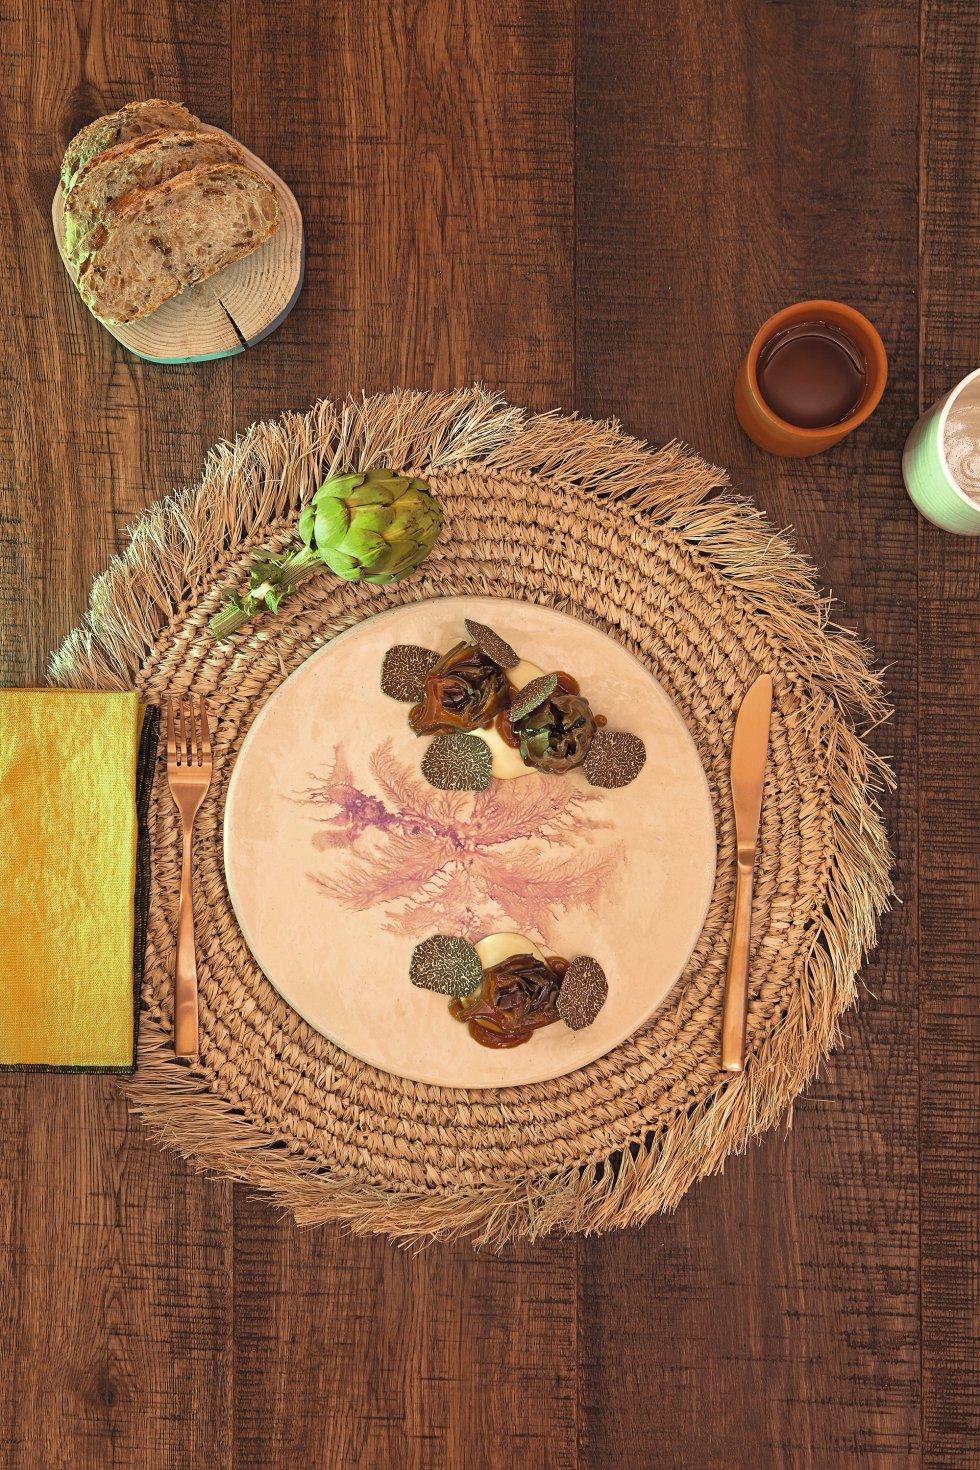 ALCAHOFAS CON TRUFA Y CREMOSO DE RAÍCES     Ingredientes.  Para cuatro personas: Para las alcachofas: 500 gramos de algas (kombu o lechuga de mar, por ejemplo), 5 litros de agua, 15 alcachofas. Para el aceite de guindilla: 1 guindilla, 100 gramos de aceite de oliva. Para el jugo: 1 kilo de garbanzos puestos en remojo ocho horas en agua tibia y sal, 1 kilo de zanahorias, 1 kilo de cebollas, 15 gramos de tamari o soja sin gluten. Para el puré de patata: 200 gramos de patata ratte, 20 gramos de leche vegetal, aceite de oliva virgen extra, 5 gramos de sal. Para la terminación: 1 trufa negra.     Elaboración.   Las alcachofas: 1. Infusionar las algas con agua durante 15 minutos a fuego vivo. Una vez hervidas, colar y reservar. 2.Limpiar las alcachofas cuidadosamente aprovechando parte del tallo. Introducirlas en el agua de cocer las algas. Cuando vuelva a arrancar el hervor, retirarlas del fuego y dejar que se enfríen en la misma agua. El aceite picante: 3.Verter el aceite en una sartén. Cuando esté caliente, agregar la guindilla picada sin las pepitas. 4. Dorar el chile y retirar del fuego. Dejar en la sartén hasta que enfríe y después colar. El jugo vegetal: 5.Poner todos los ingredientes a hervir a fuego lento durante 6 horas. 6. Colar, añadir el tamari y reducir hasta obtener una textura densa. El puré de patata: 7. Envolver las patatas en papel de aluminio y cocinar en el horno a 210 grados durante 20 minutos. 8. Cuando aún esté caliente la patata, pasarla por el pasapuré y después por un tamiz fino. 9. Poner la patata tamizada en un cazo junto a la leche y la sal. Batirla para mezclarla e incorporar el calor (es mejor en una plancha que sobre el fuego directo). 10. Añadir el aceite de oliva virgen extra. Rectificaremos de sal si es necesario. Antes de servir el plato: 11. Freír las alcachofas a 180 grados. Cuando estén doradas, sacar y escurrir el aceite sobrante con un papel de cocina absorbente. Presentación: 12. Poner en el plato una base de puré de patata. Sobr